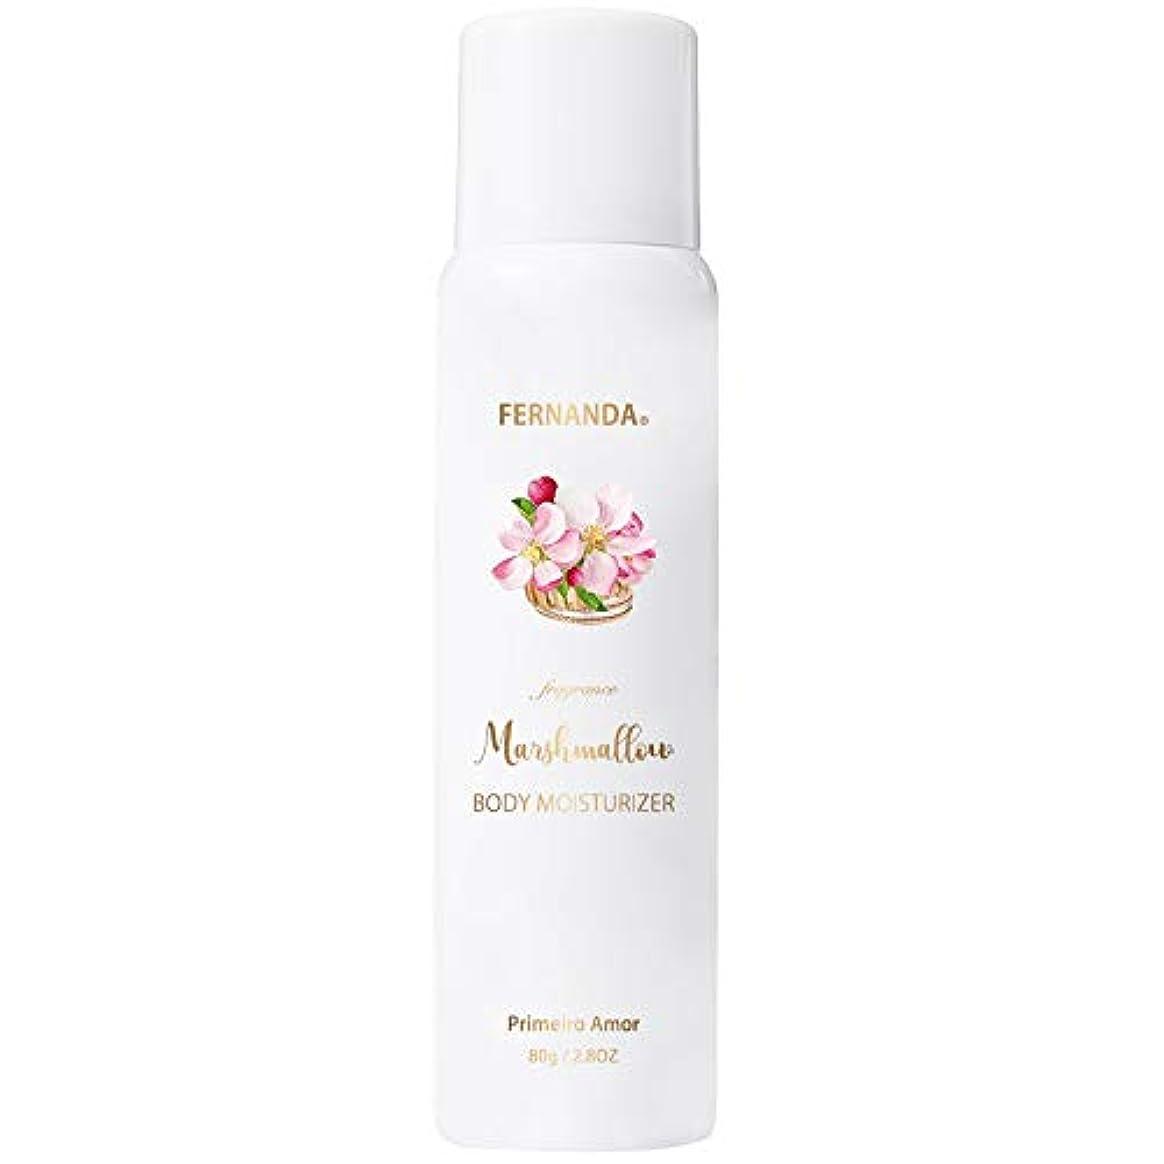 ロシア取得するマルクス主義者FERNANDA(フェルナンダ) Marshmallow Body Moisturizer Primeiro Amor (マシュマロ ボディ モイスチャライザー プリメイロアモール)